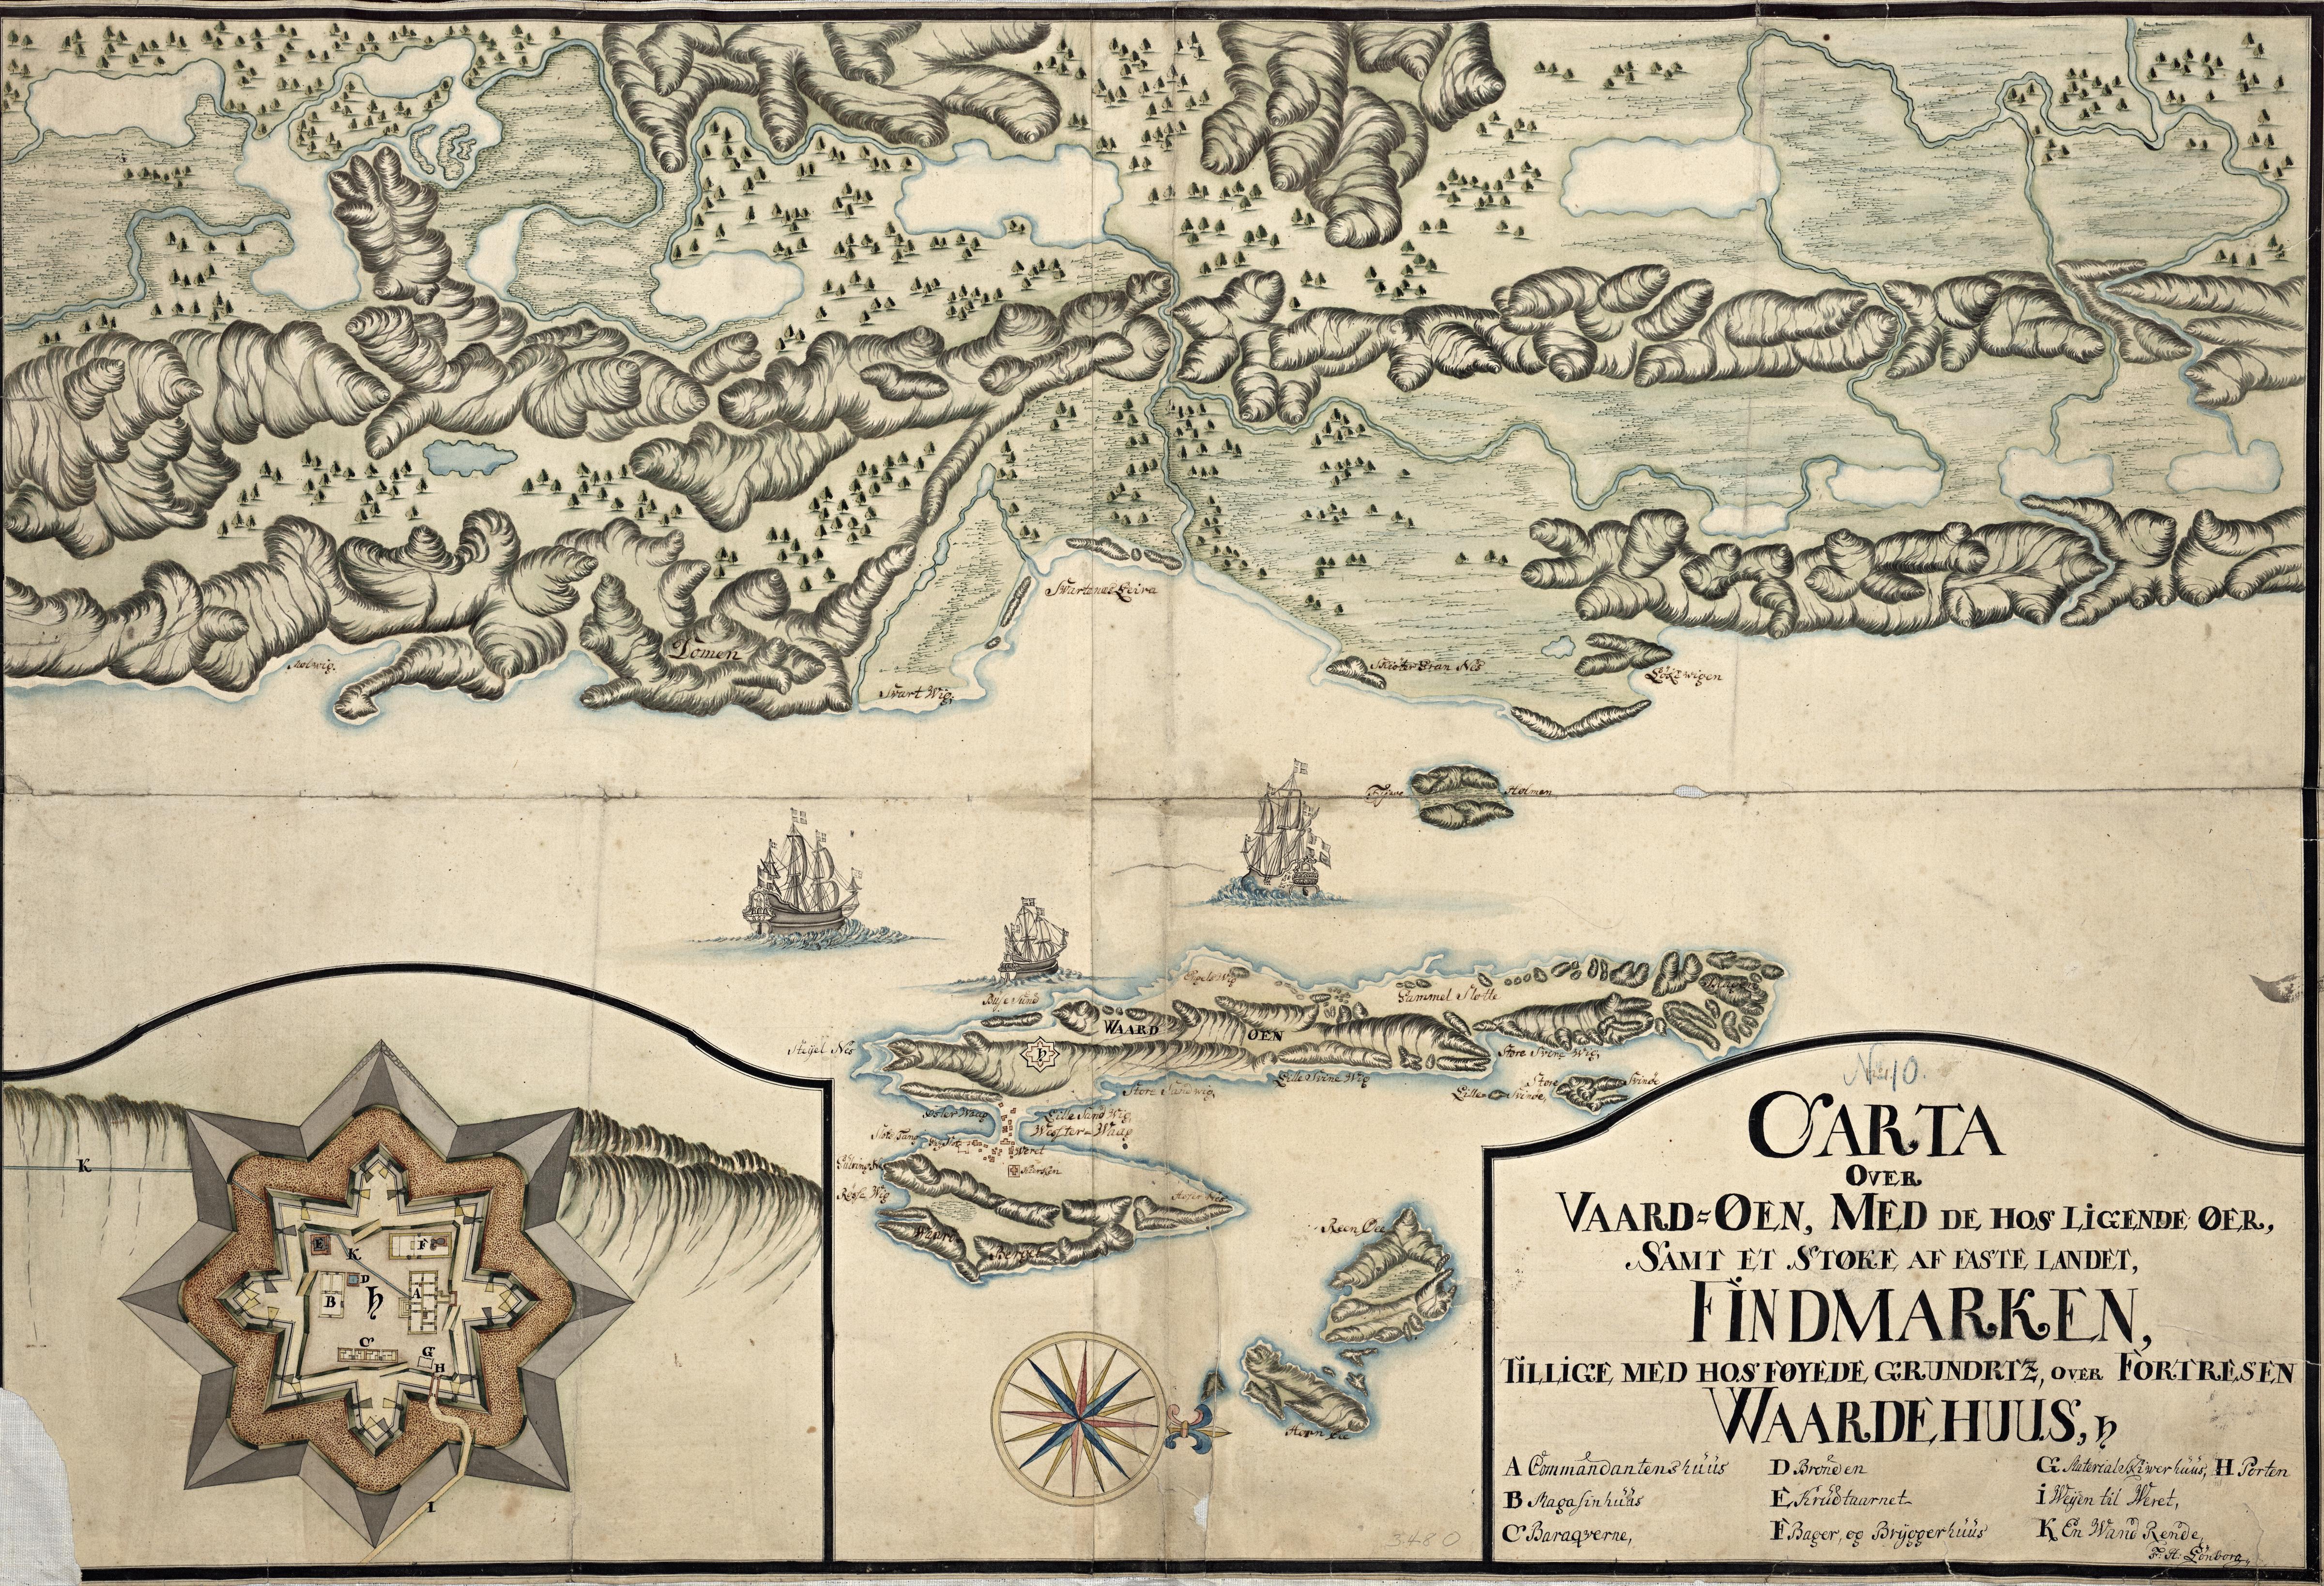 kart over vardø File:Håndtegkart over Vardø (12068250436).   Wikimedia Commons kart over vardø